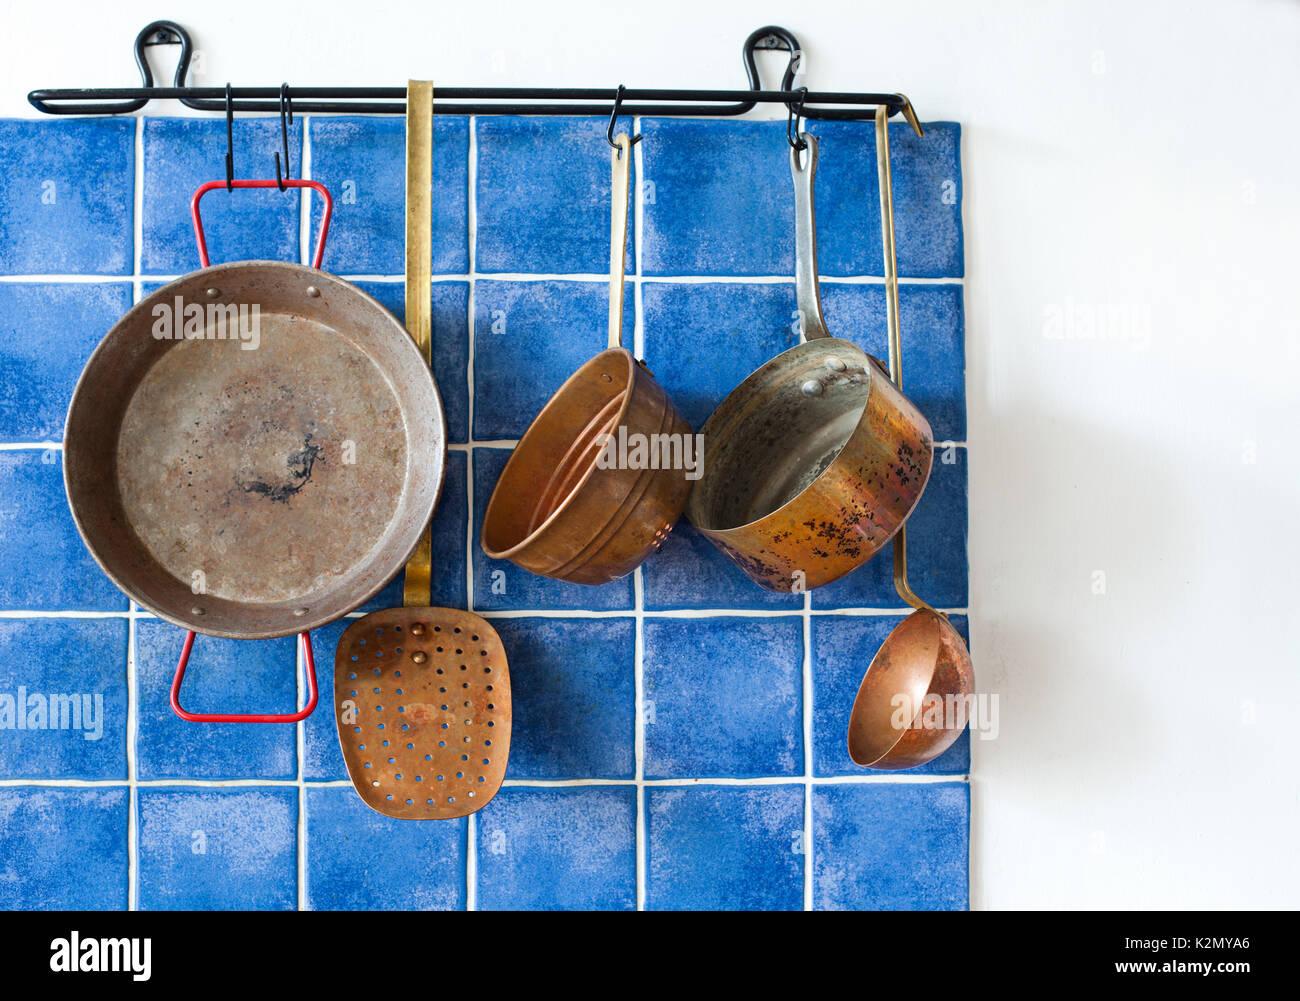 Cuisine intérieur avec vintage ustensile en cuivre. L'ensemble de cuisson à l'ancienne. Pan, cuillère, skimmer hanging on blue tile wall. Copie espace, fond blanc Photo Stock